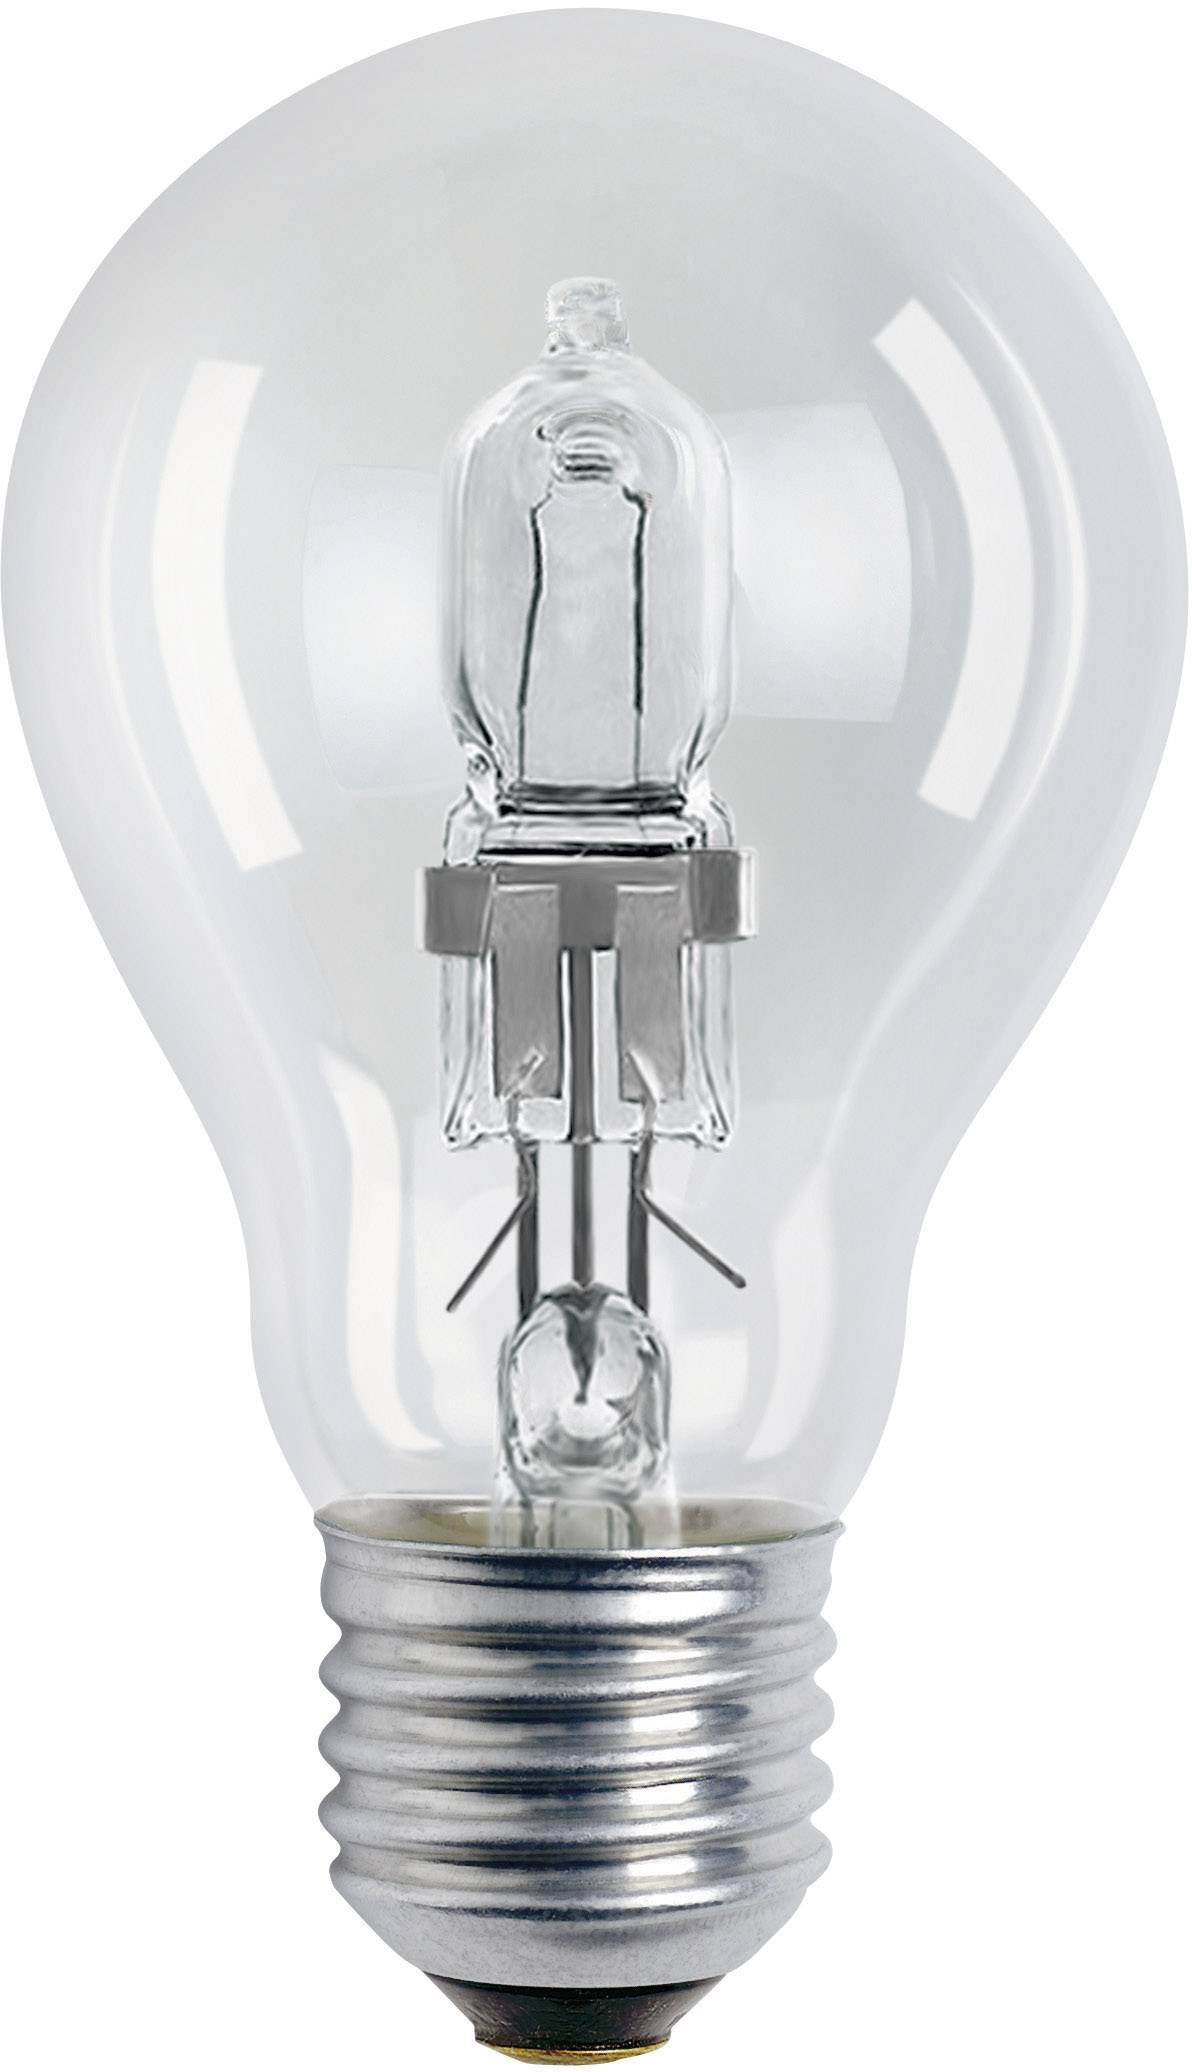 ECO halogénová žiarovka OSRAM 230 V, E27, 30 W, en.trieda: D, teplá biela, 1 ks